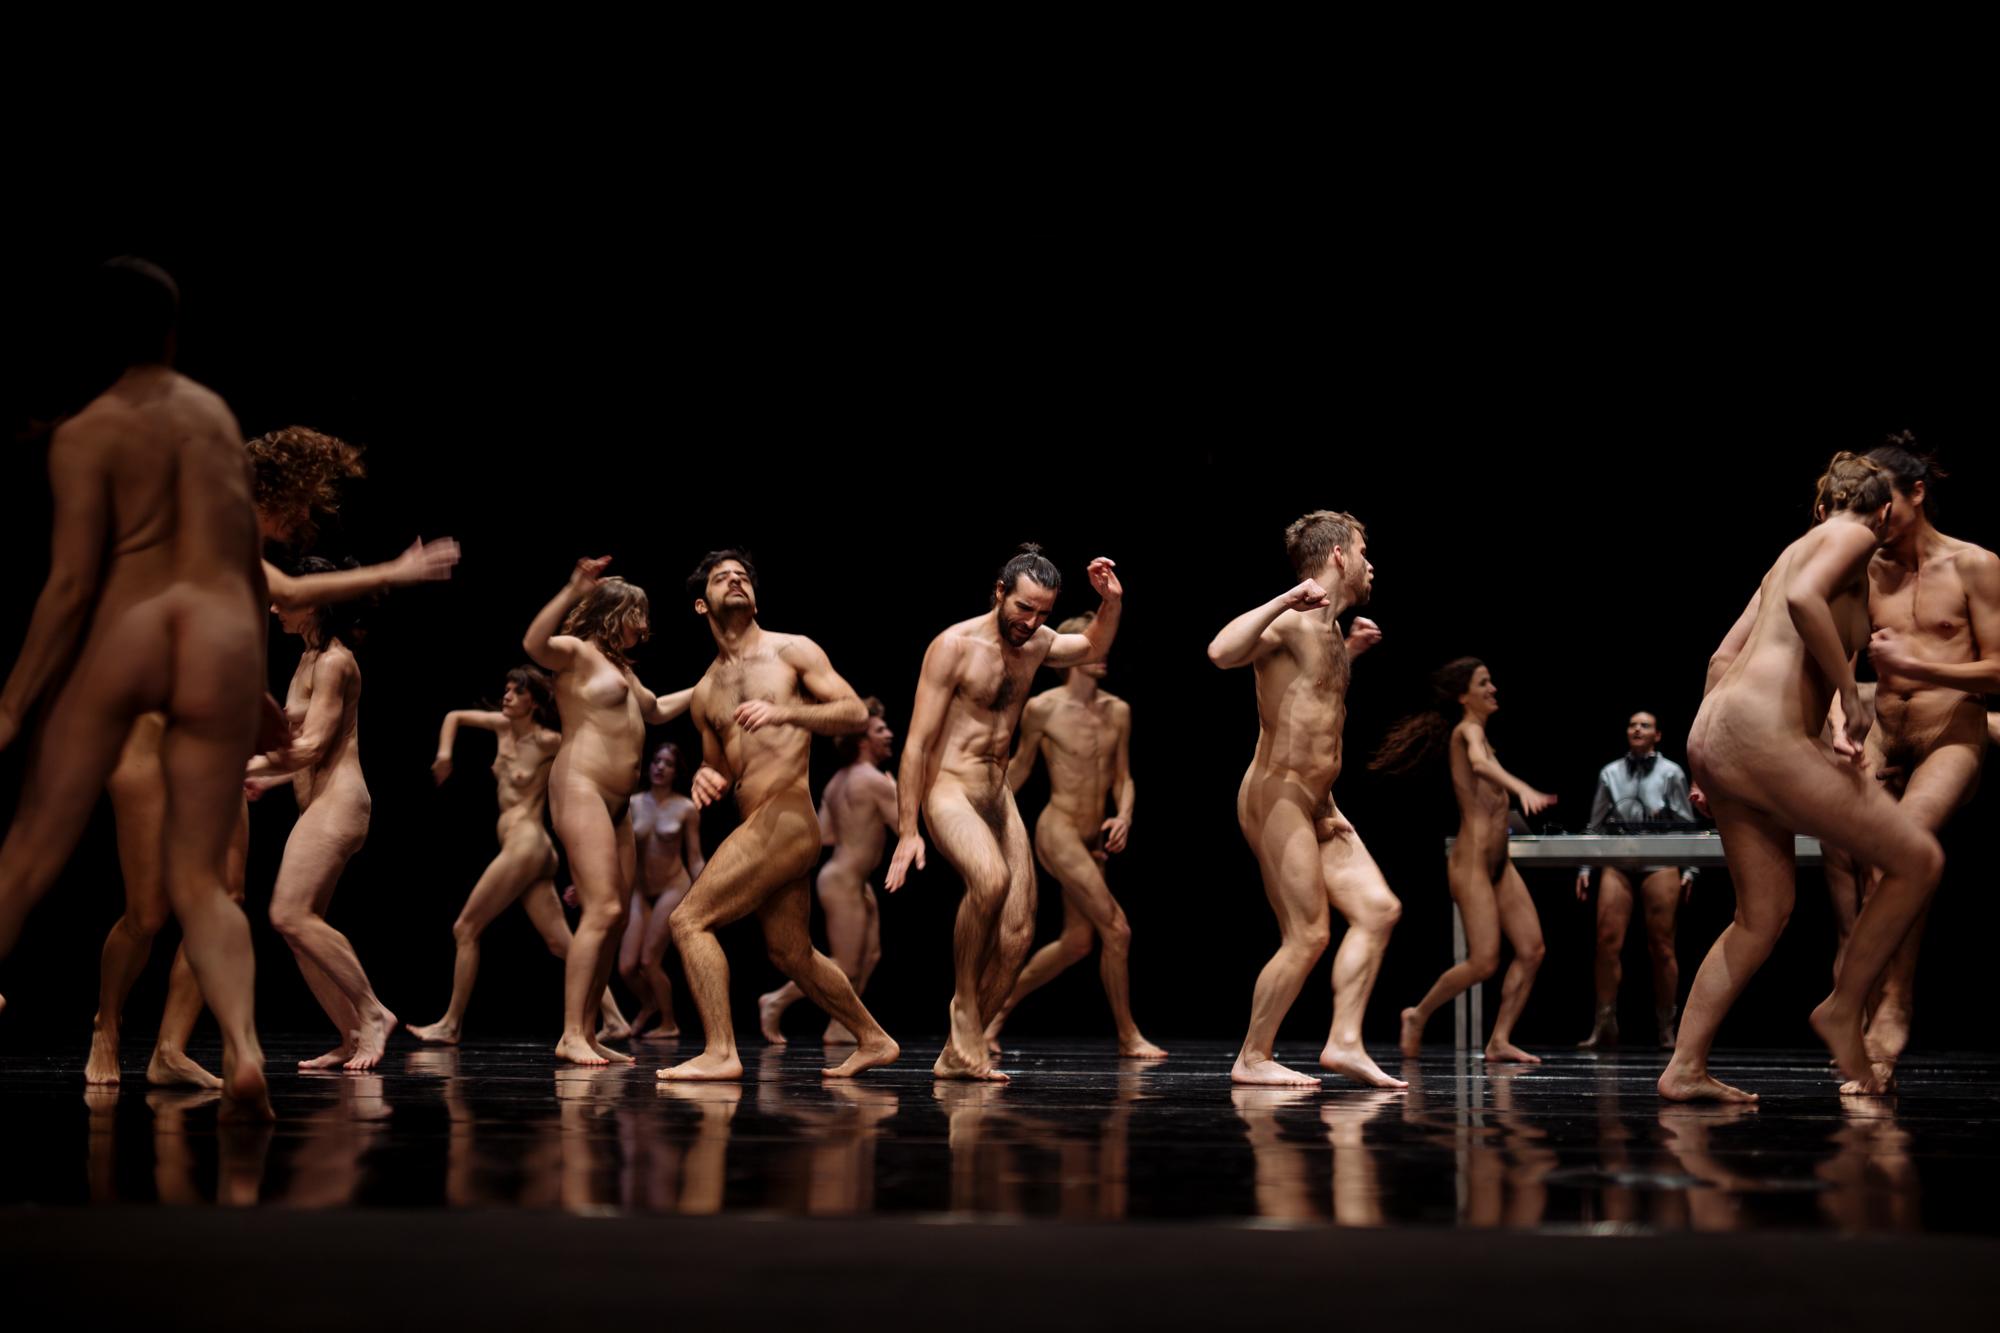 Nude Dans 99